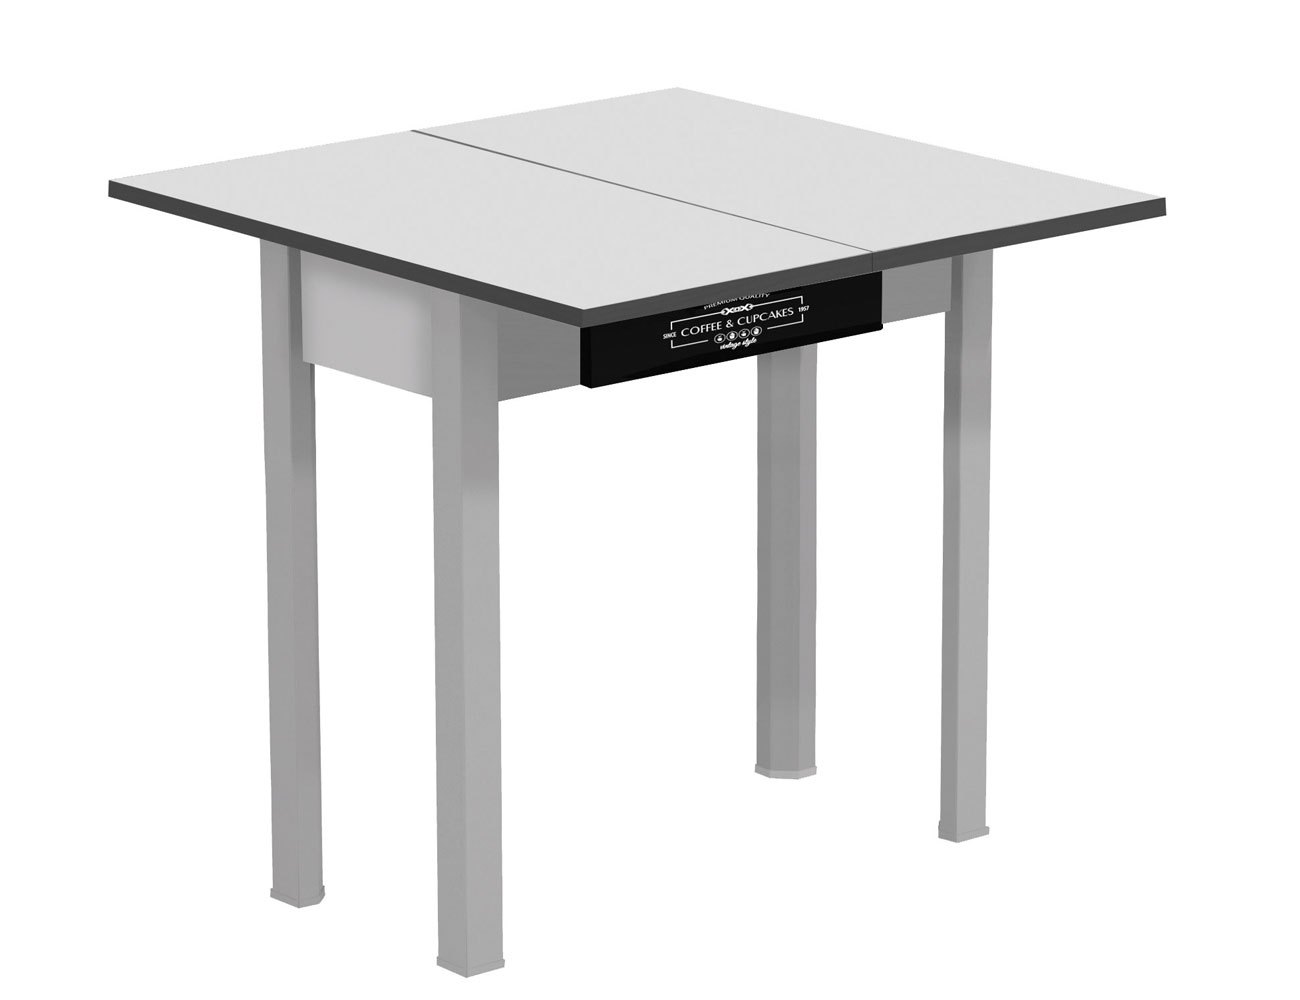 Mesa de cocina extensible tipo libro con caj n 3544 for Manual para muebles de cocina